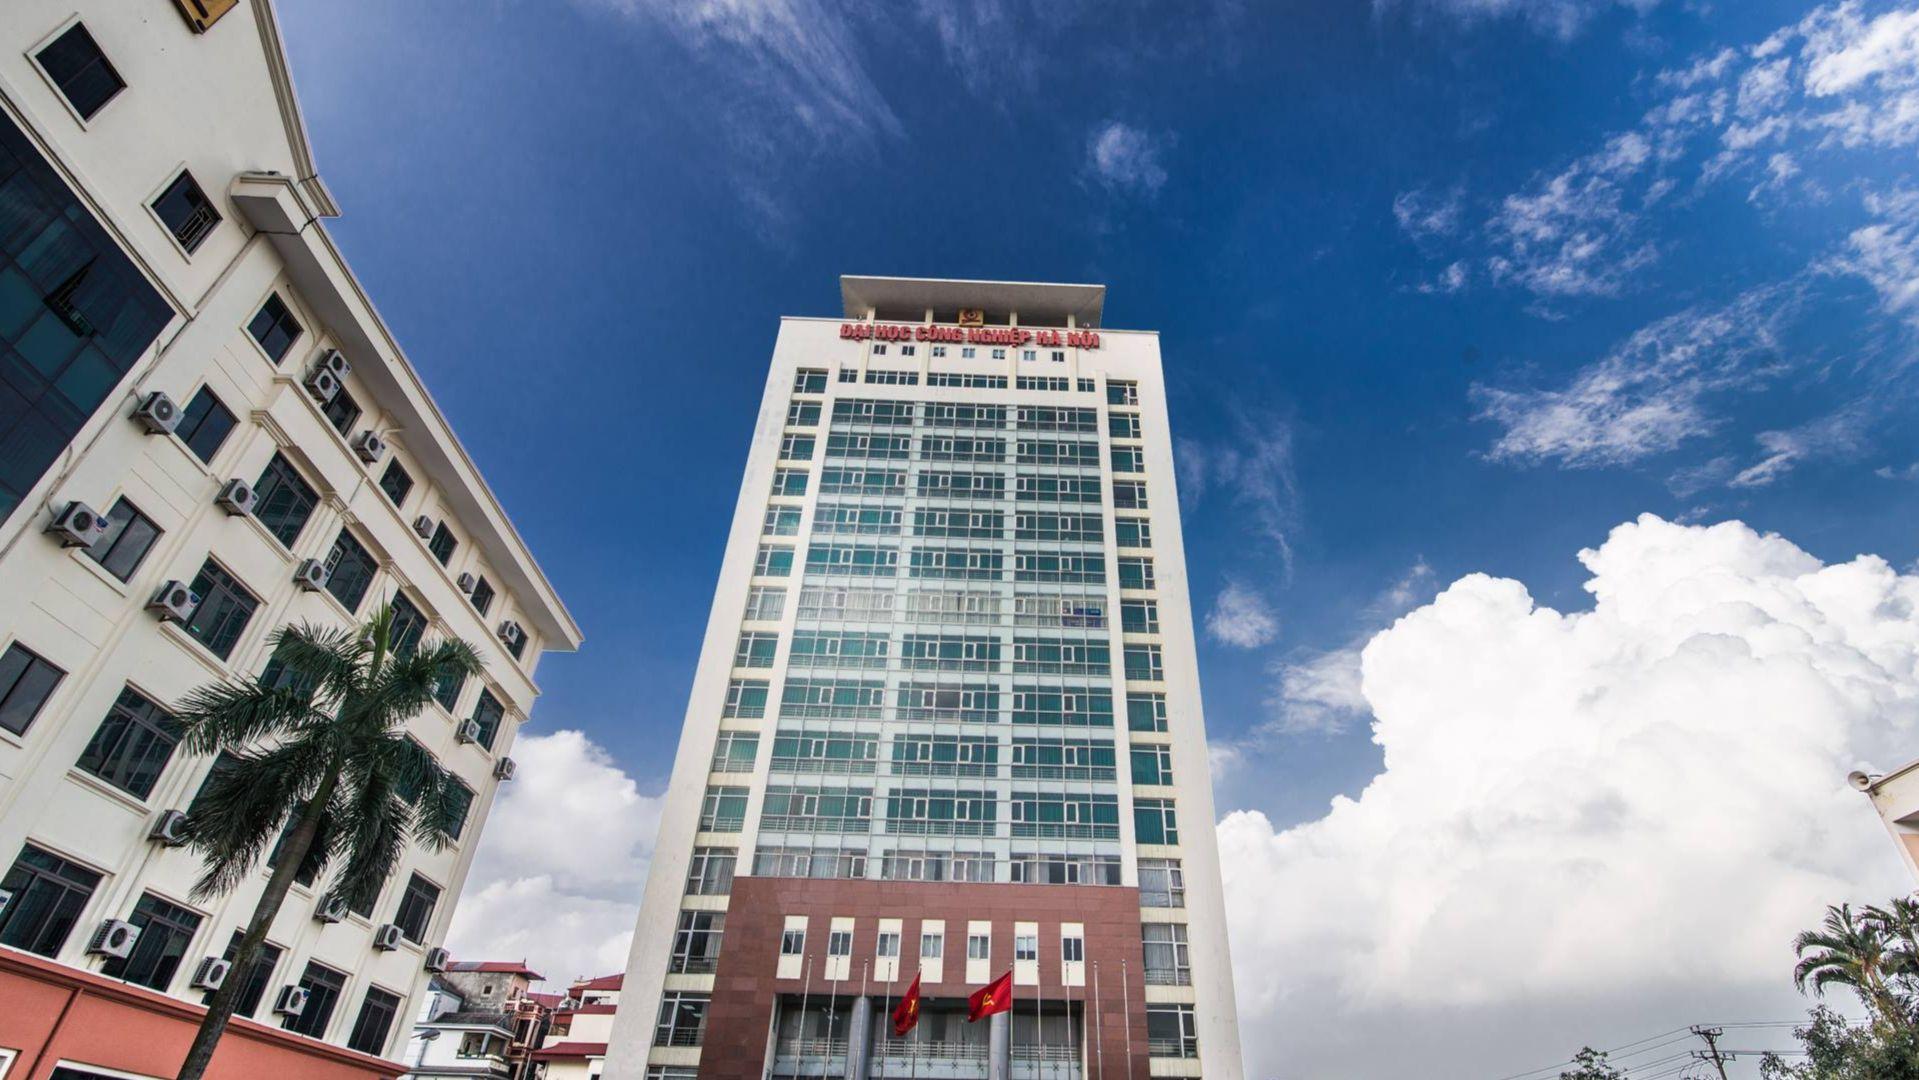 ngành quản trị khách sạn học trường nào? - đại học công nghiệp hà nội